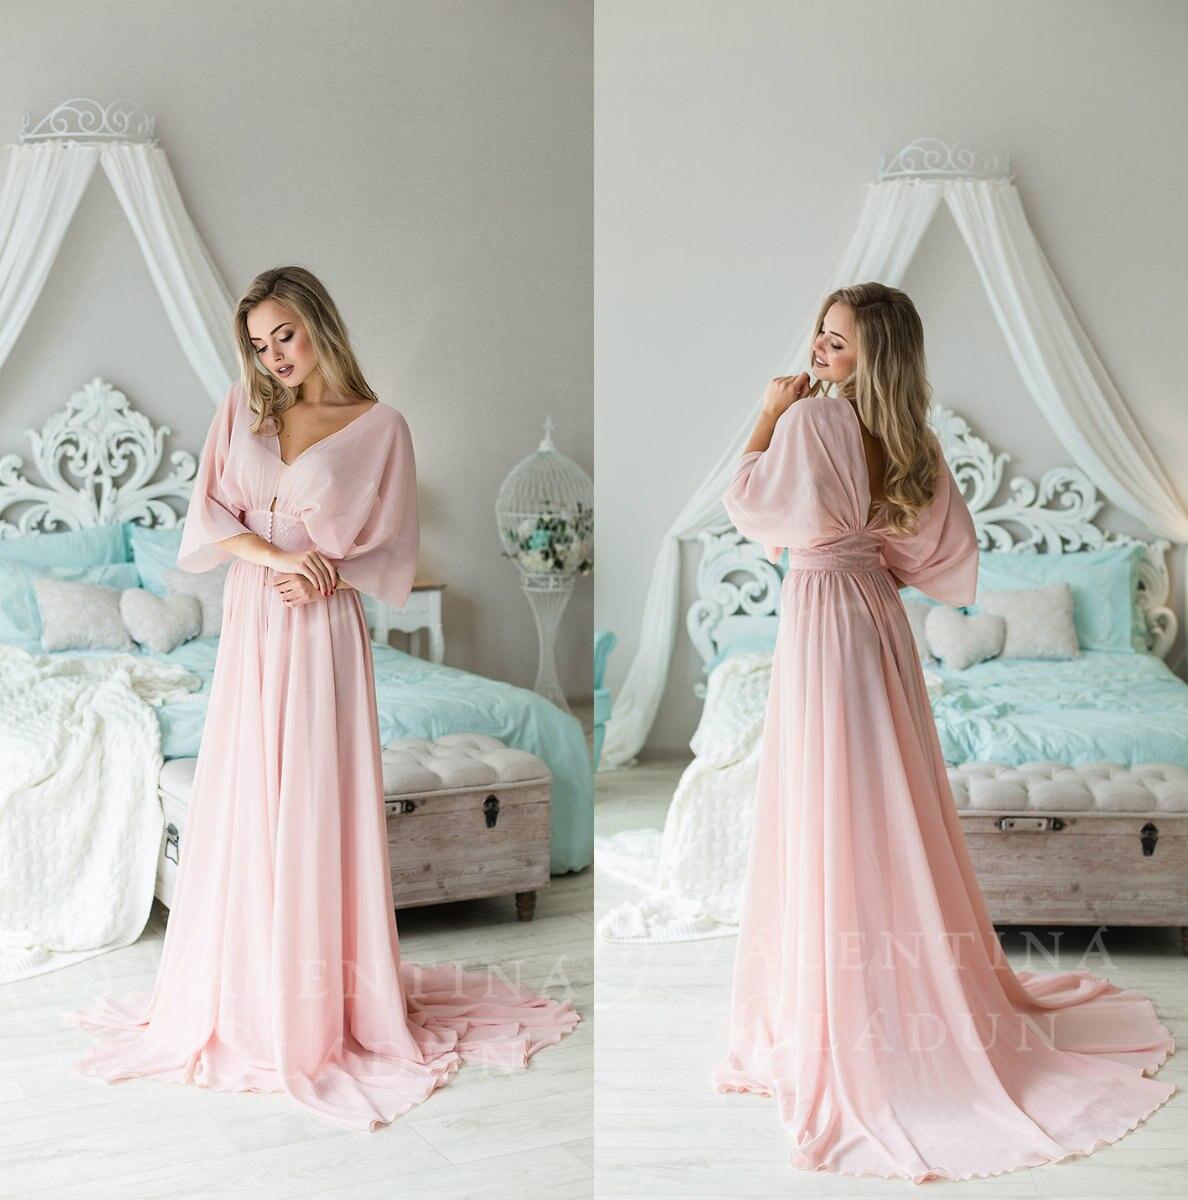 Bathrobe For Women Pink Chiffon Full Length Lingerie Nightgown Pajamas Sleepwear Women's Luxury Gowns Housecoat Nightwear